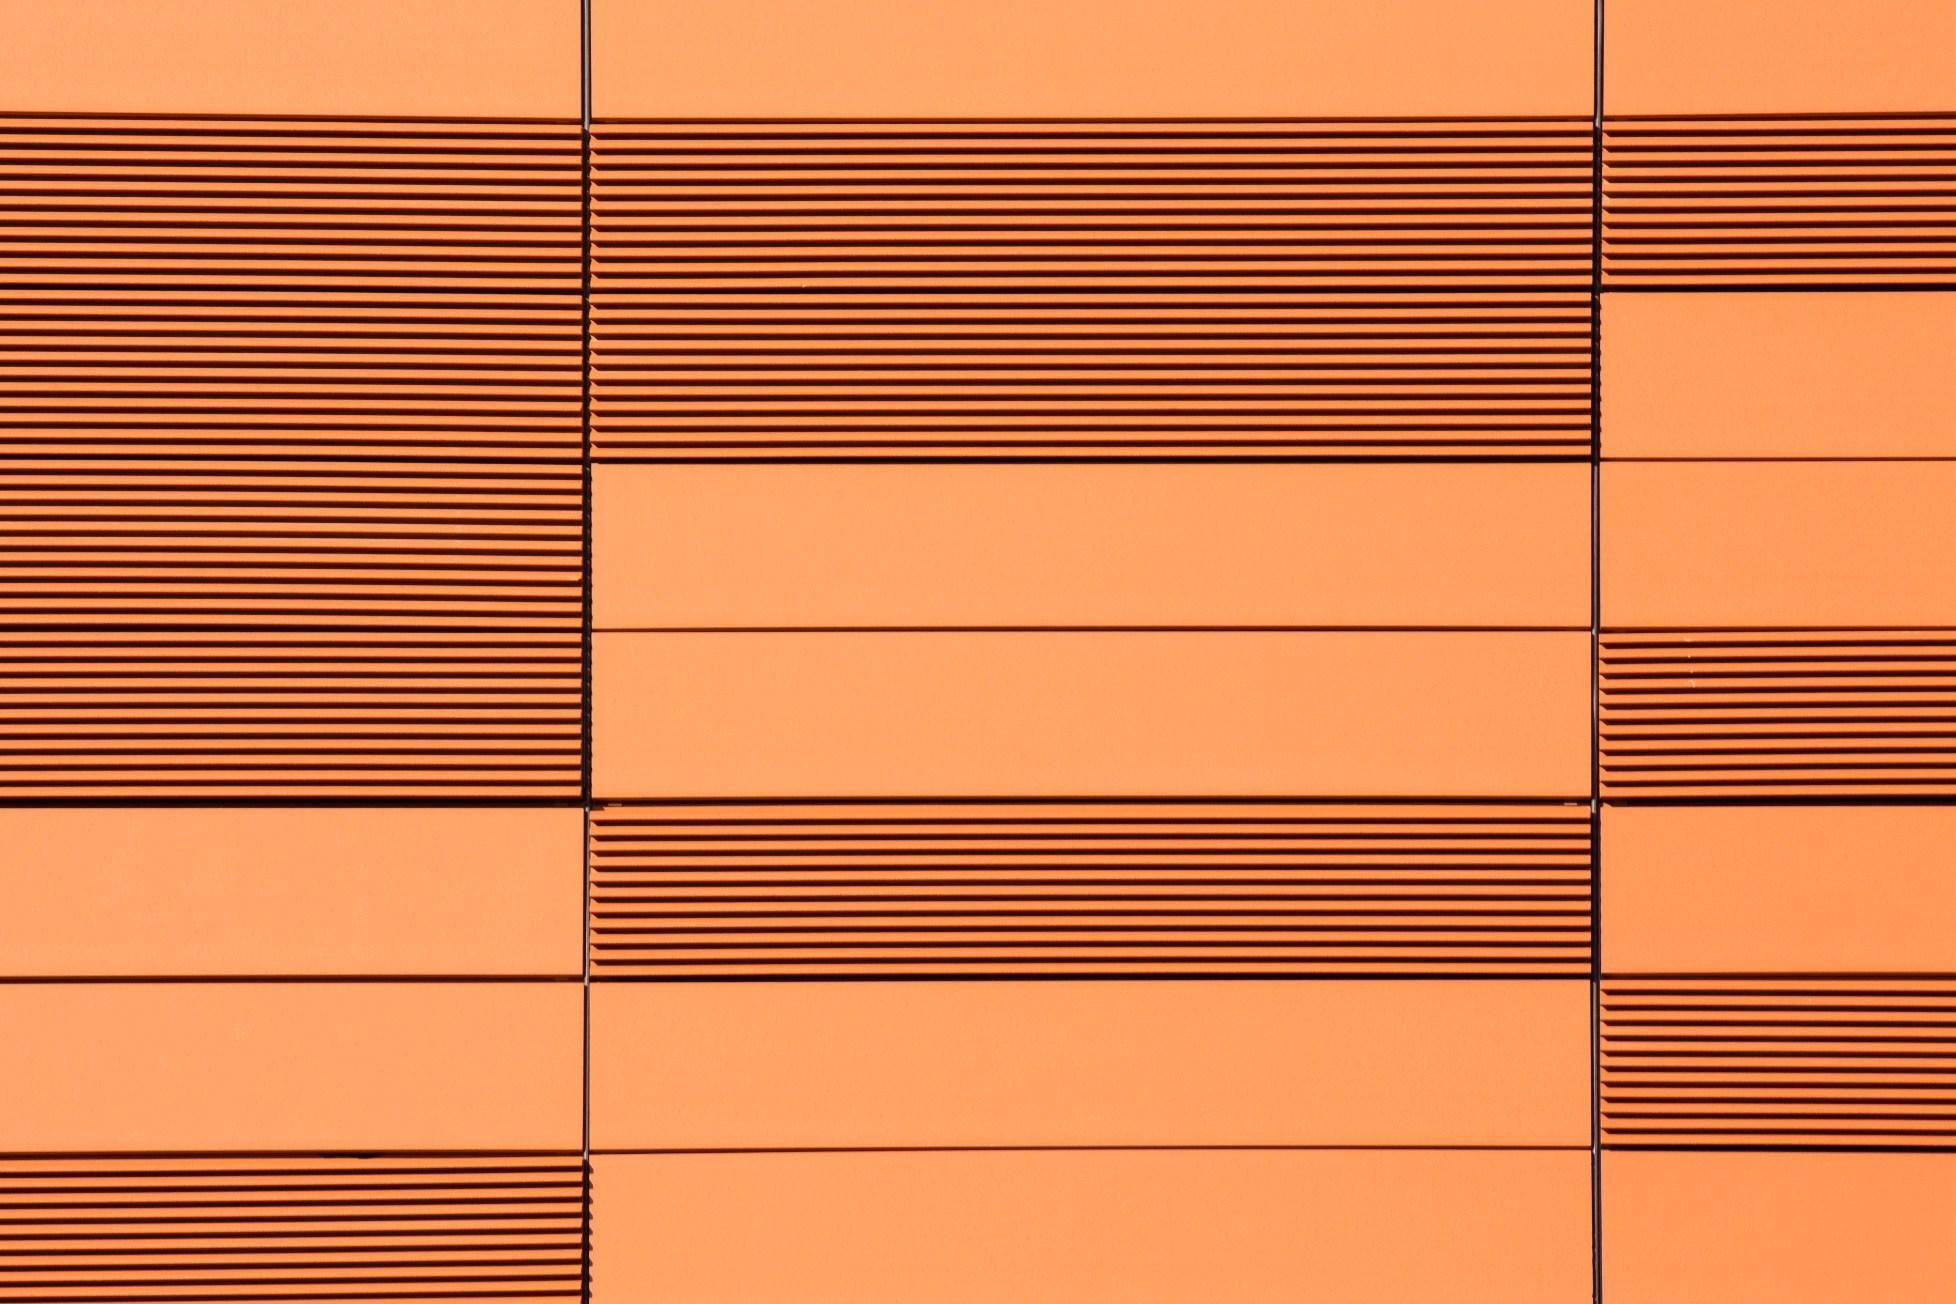 fachada ventilada Terracota - Truebond